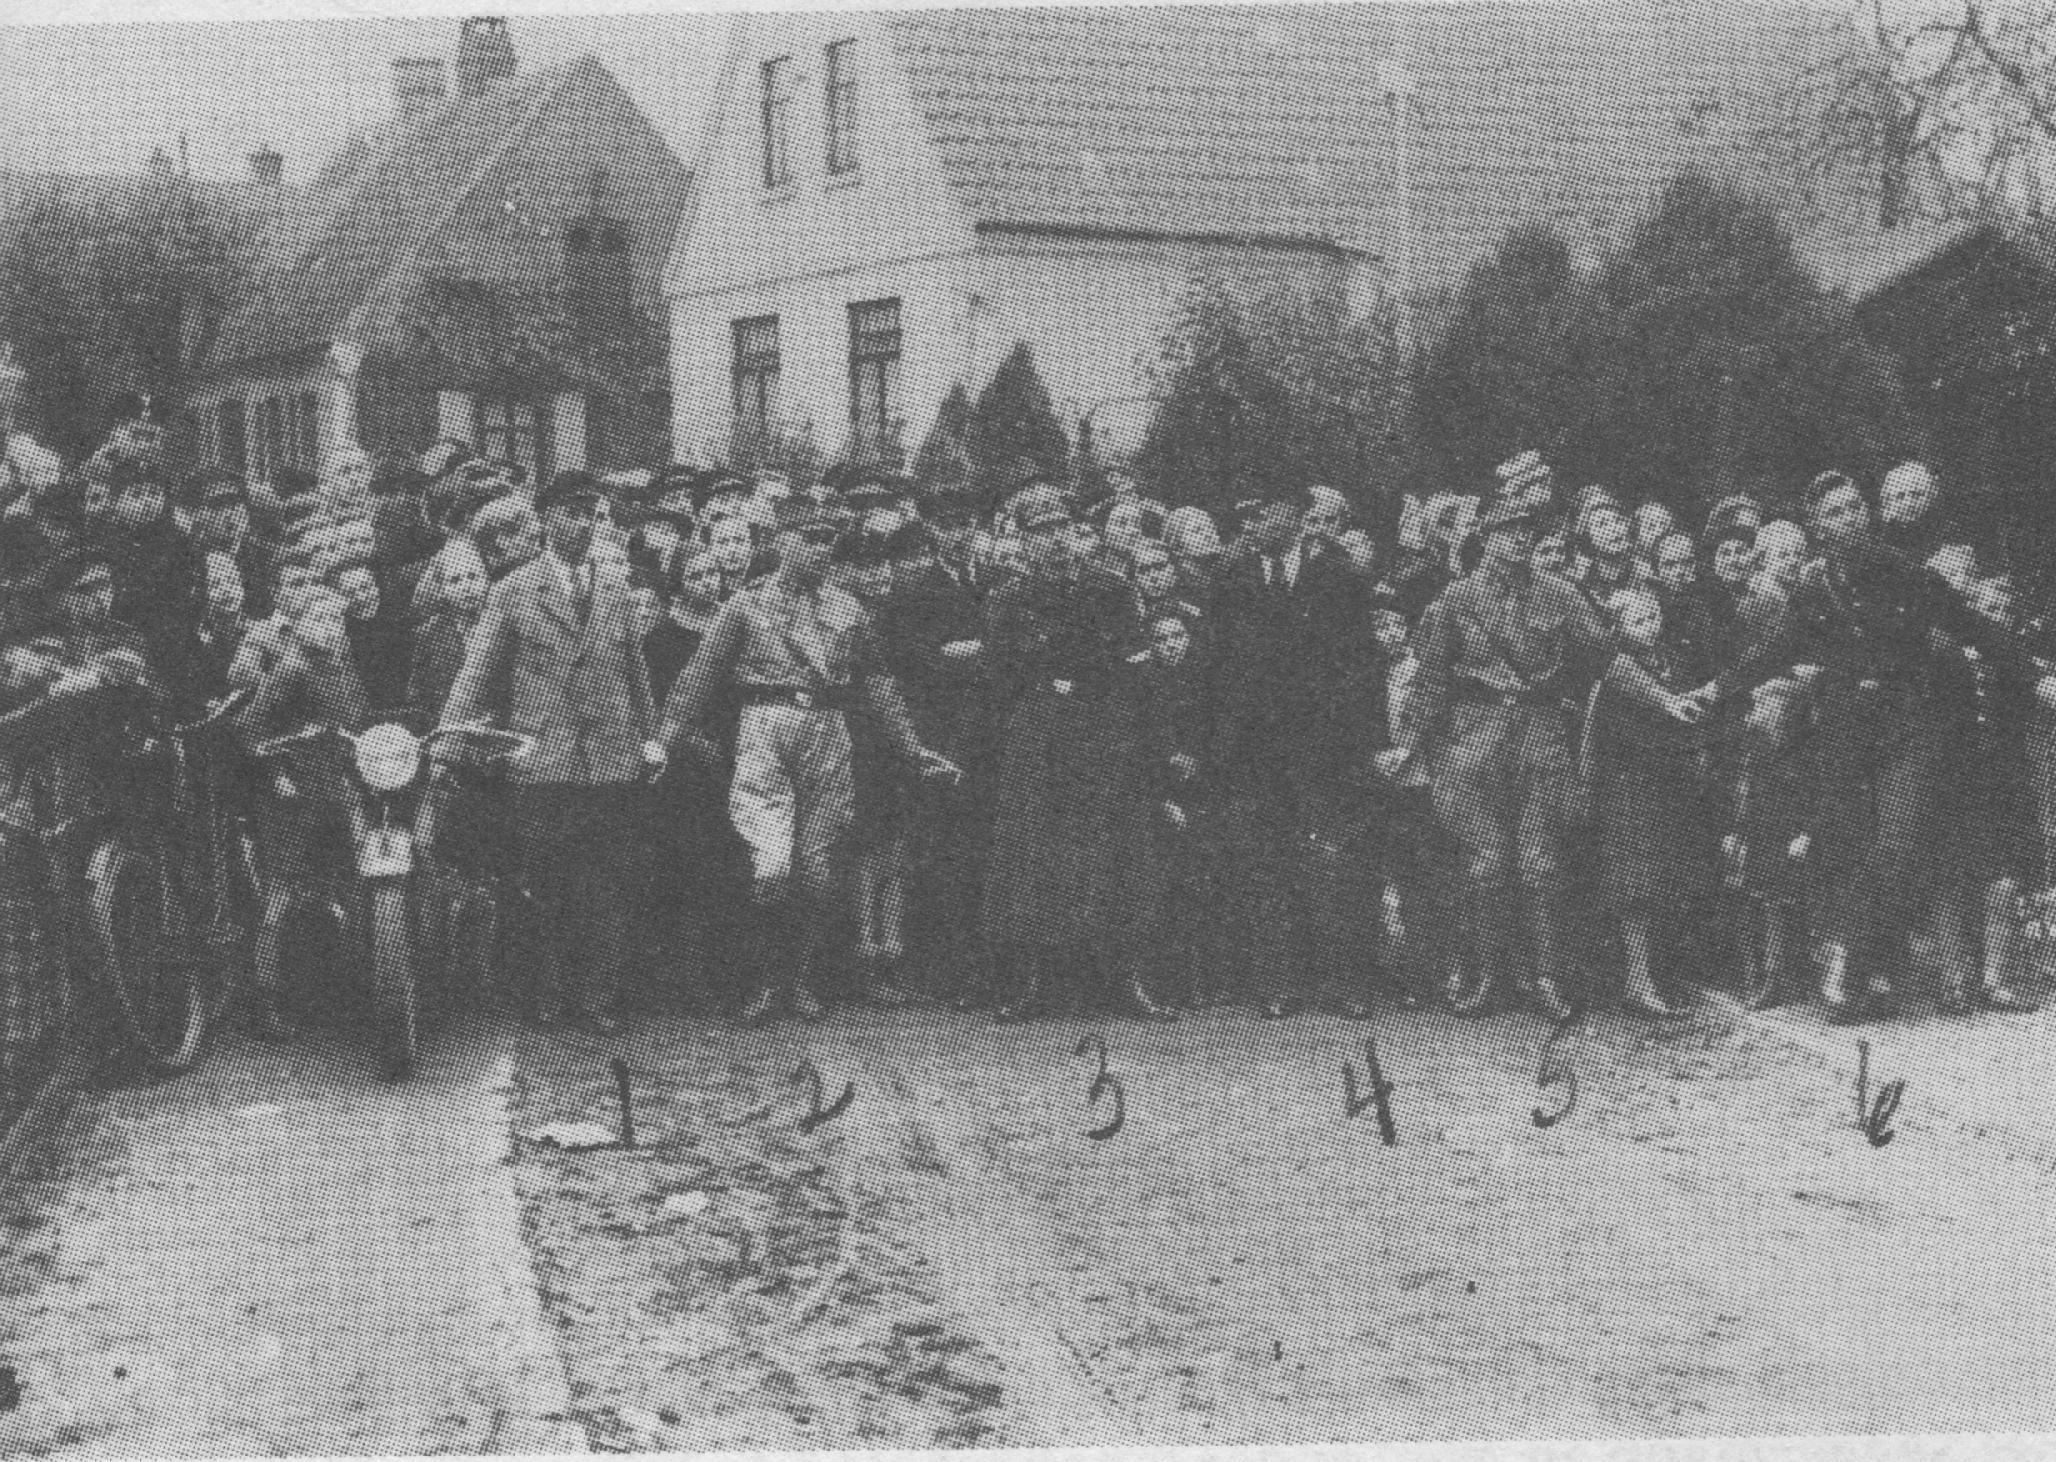 Dieses Bild zeigt Bevölkerung und Täter Hand in Hand bei der Verbrennung der Aumunder Synagoge am 10. November 1938